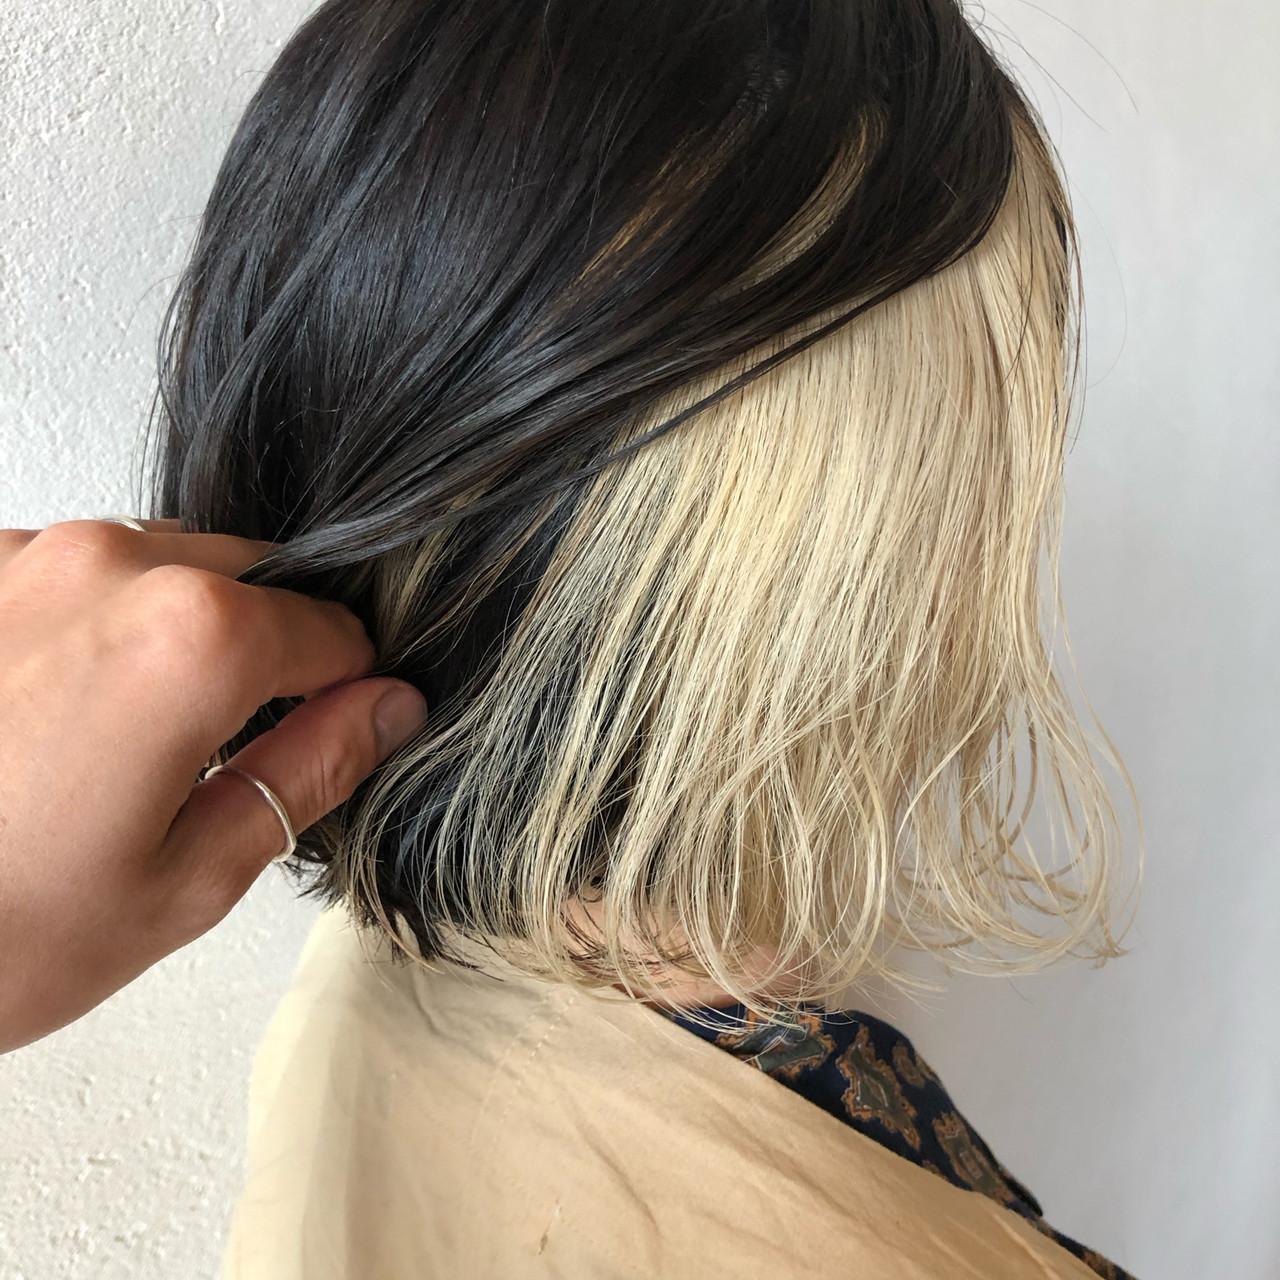 ストリート ホワイトカラー インナーカラー インナーカラーホワイト ヘアスタイルや髪型の写真・画像